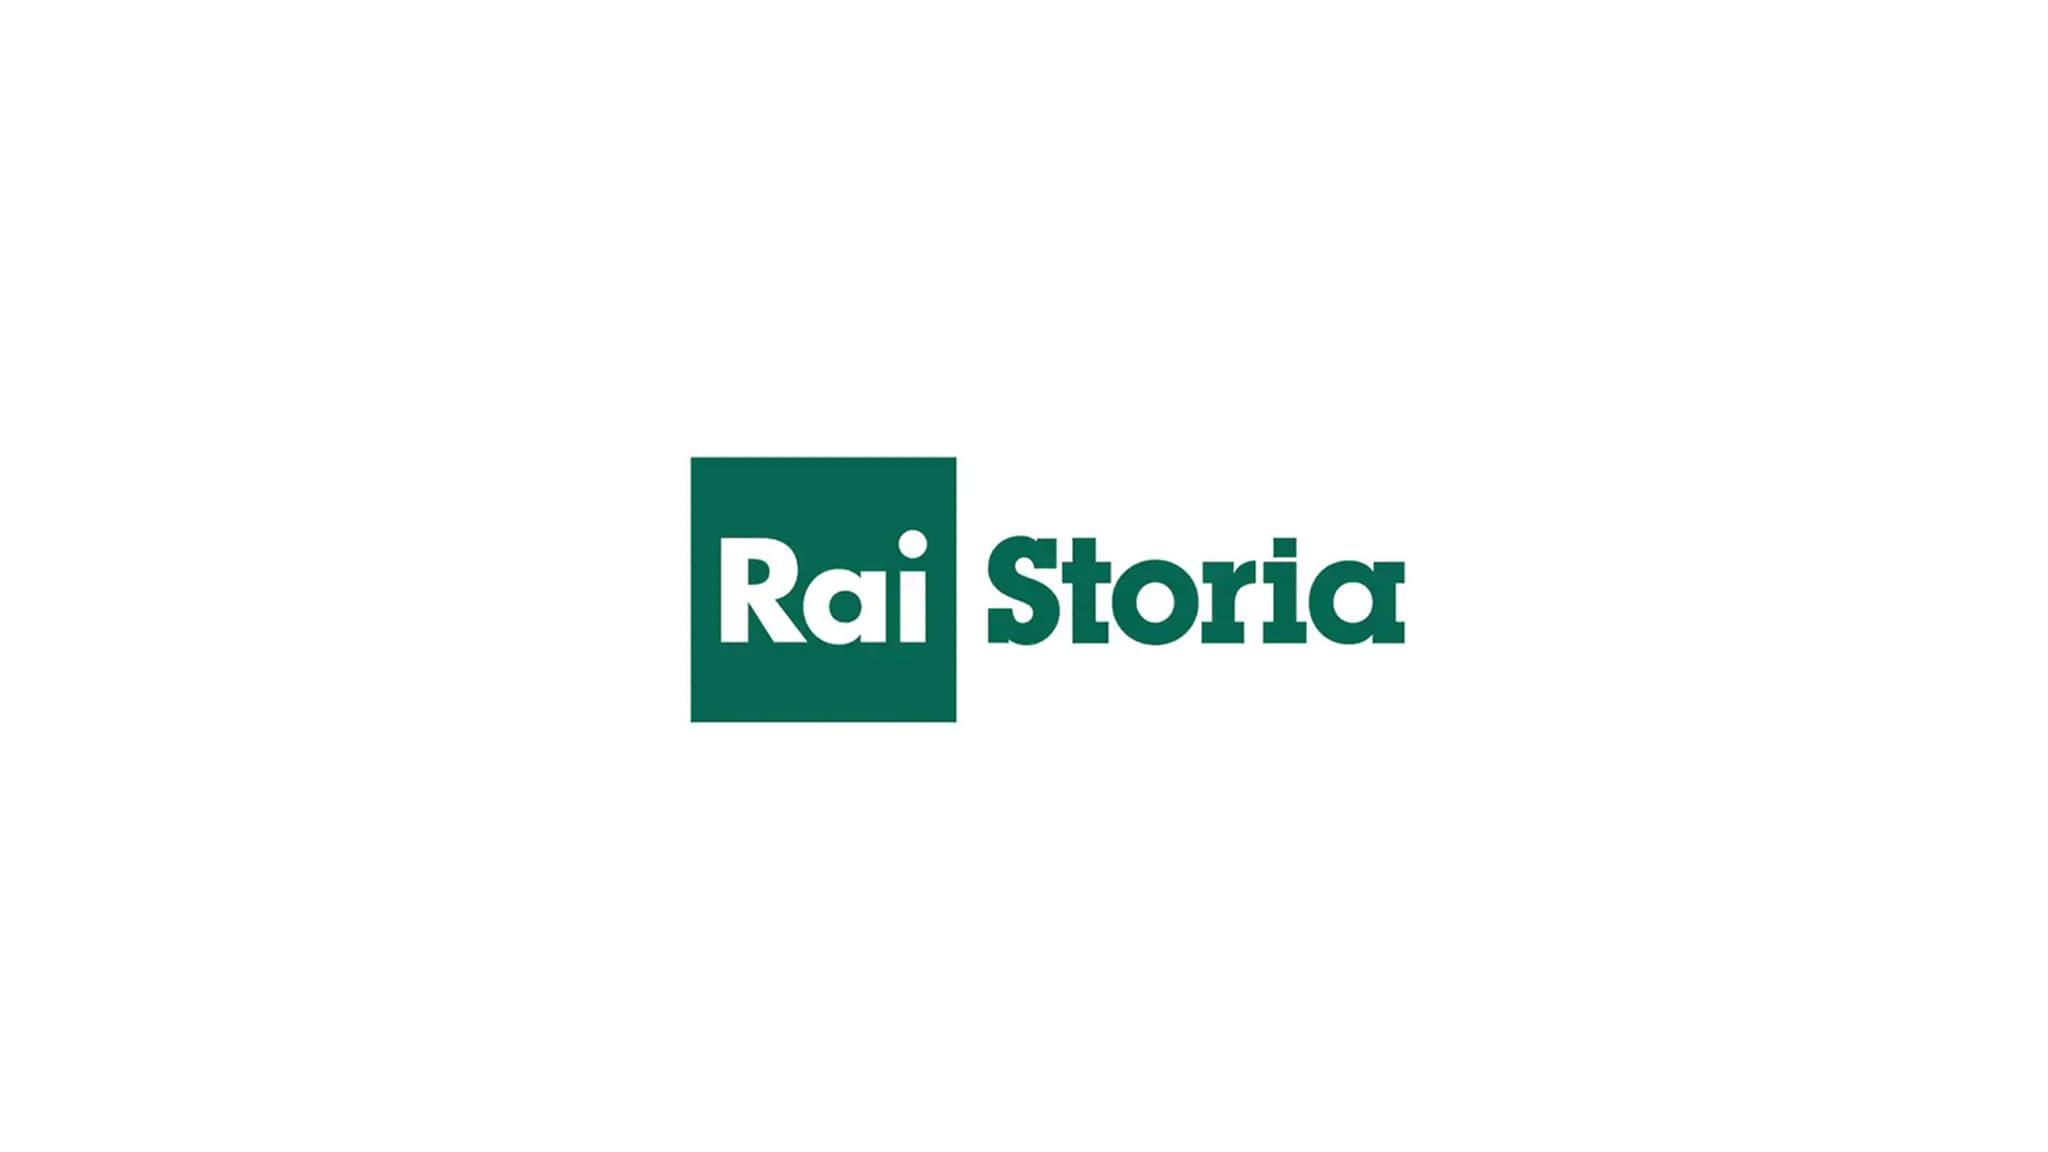 Rai Storia Cronache romane di Carlo Mazzarella